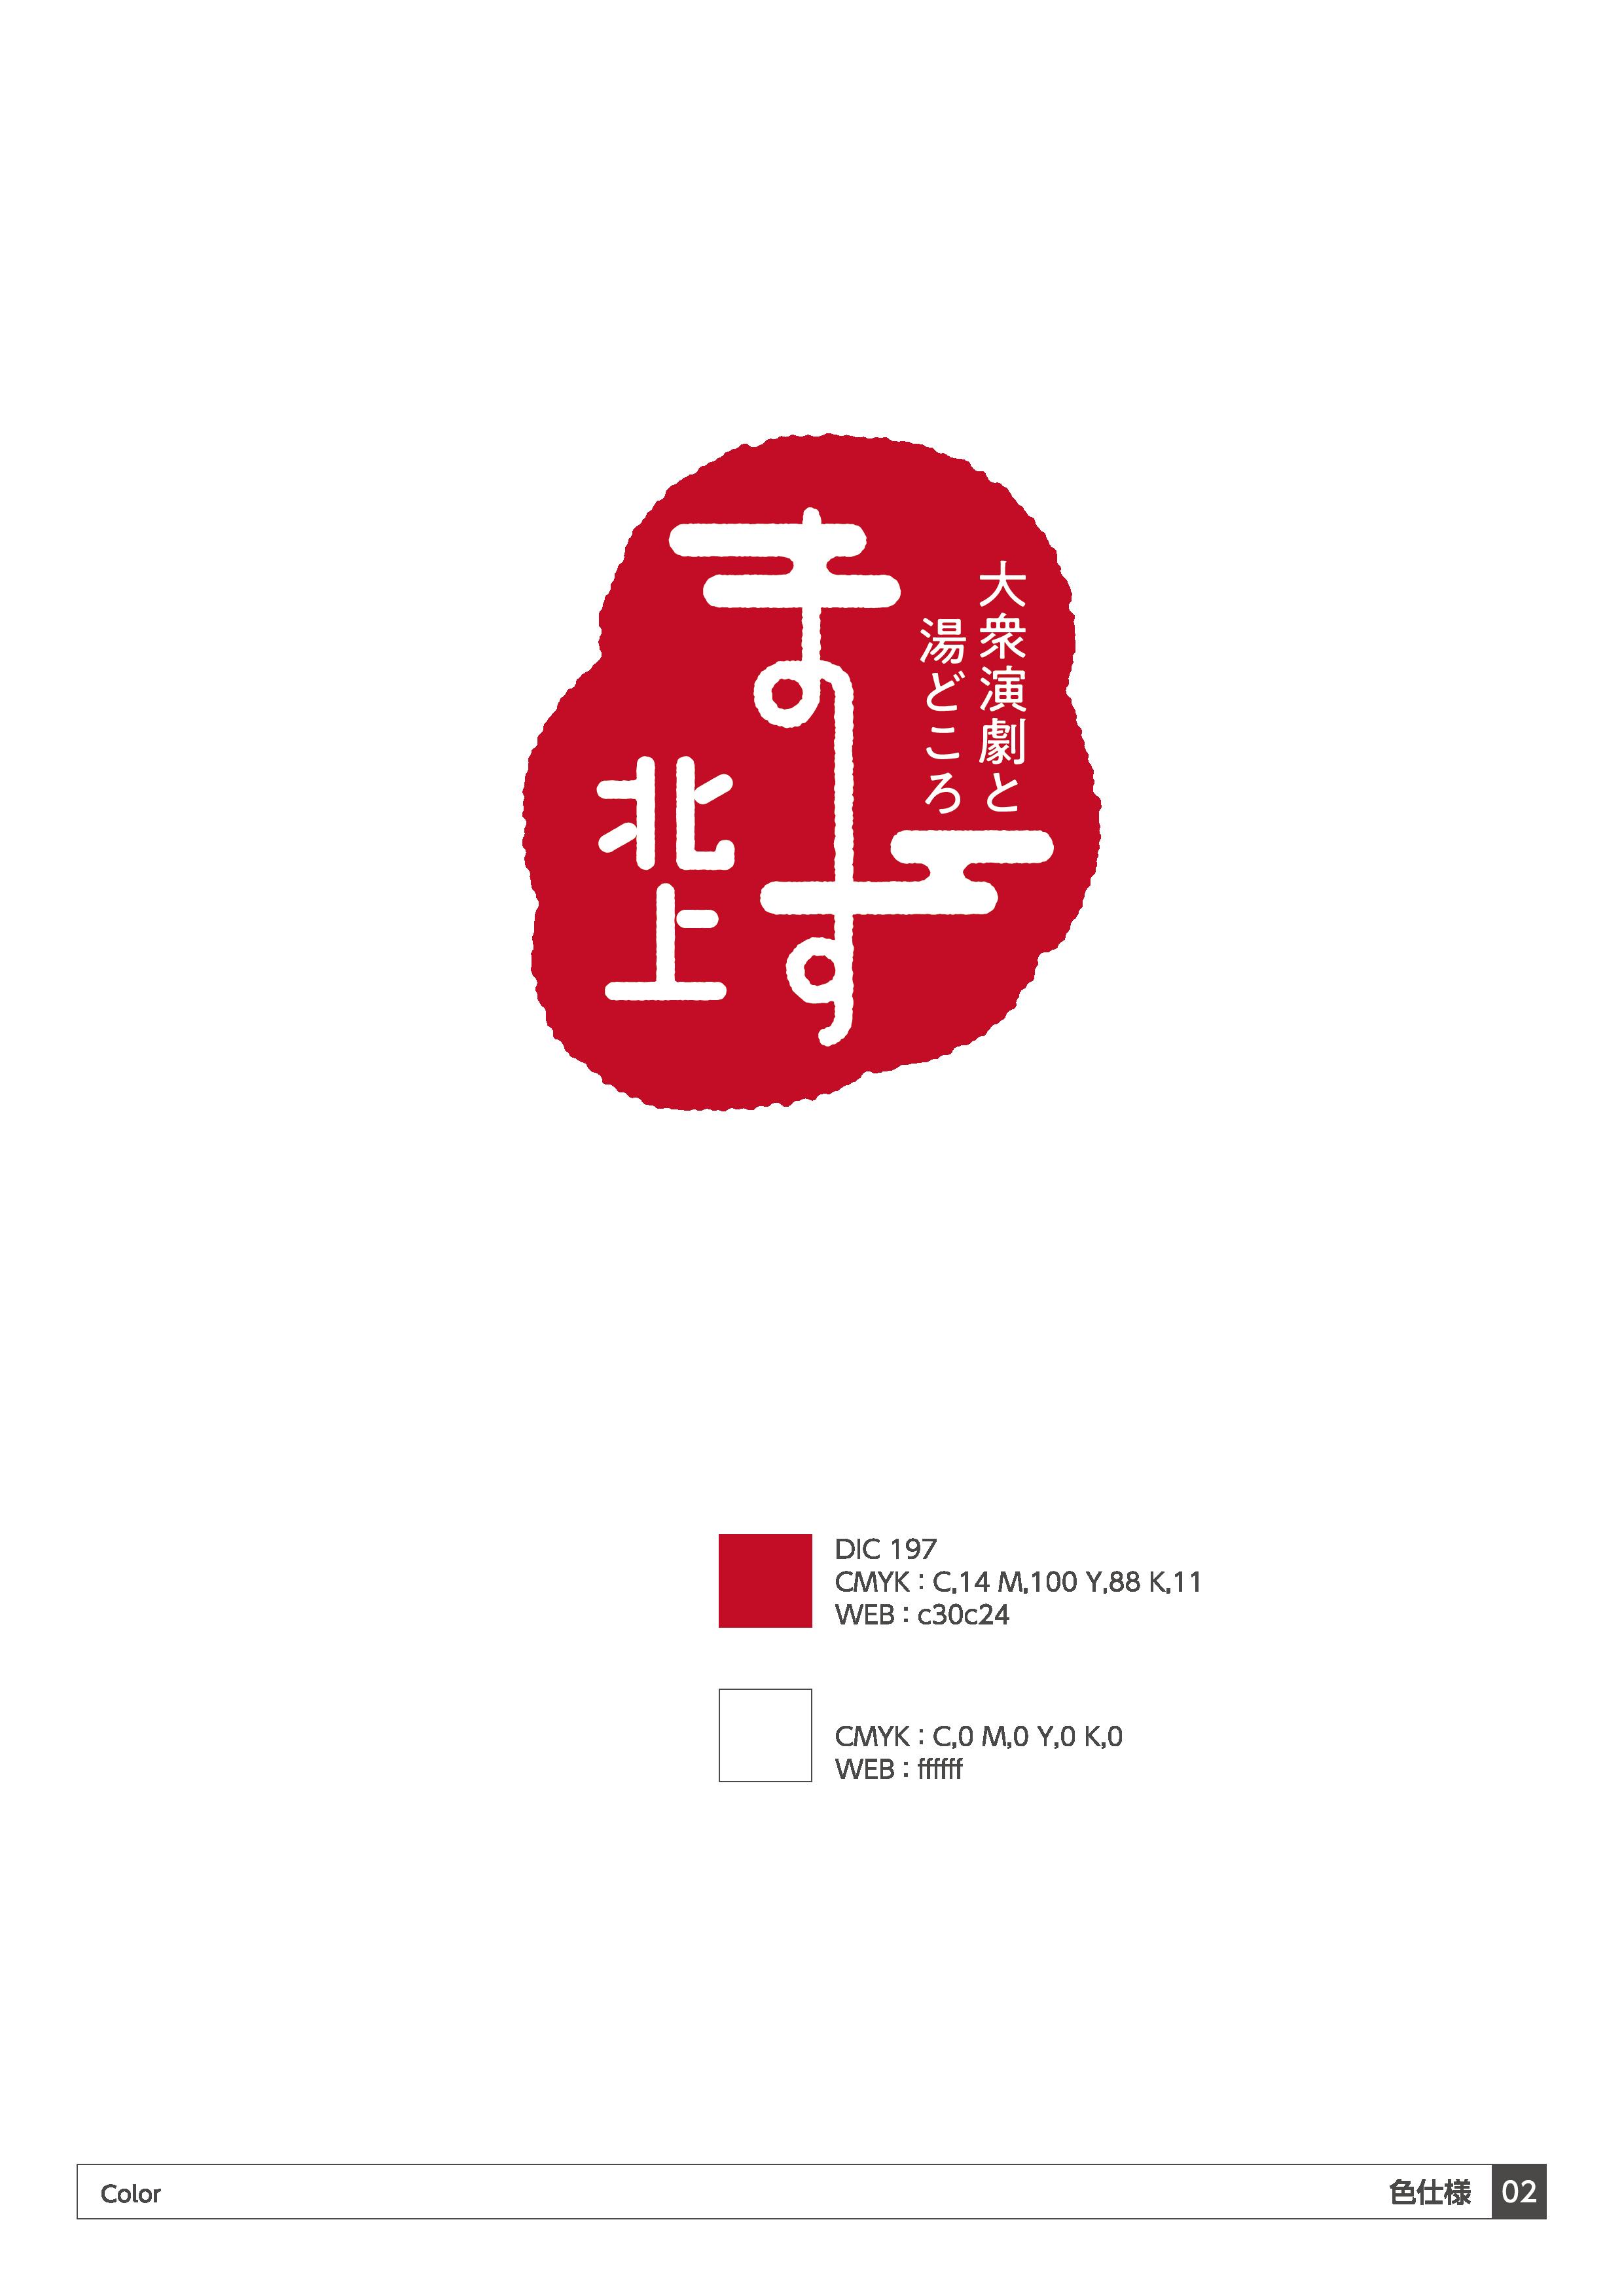 大衆演劇と湯どころ まーす北上 ロゴマークデザイン04